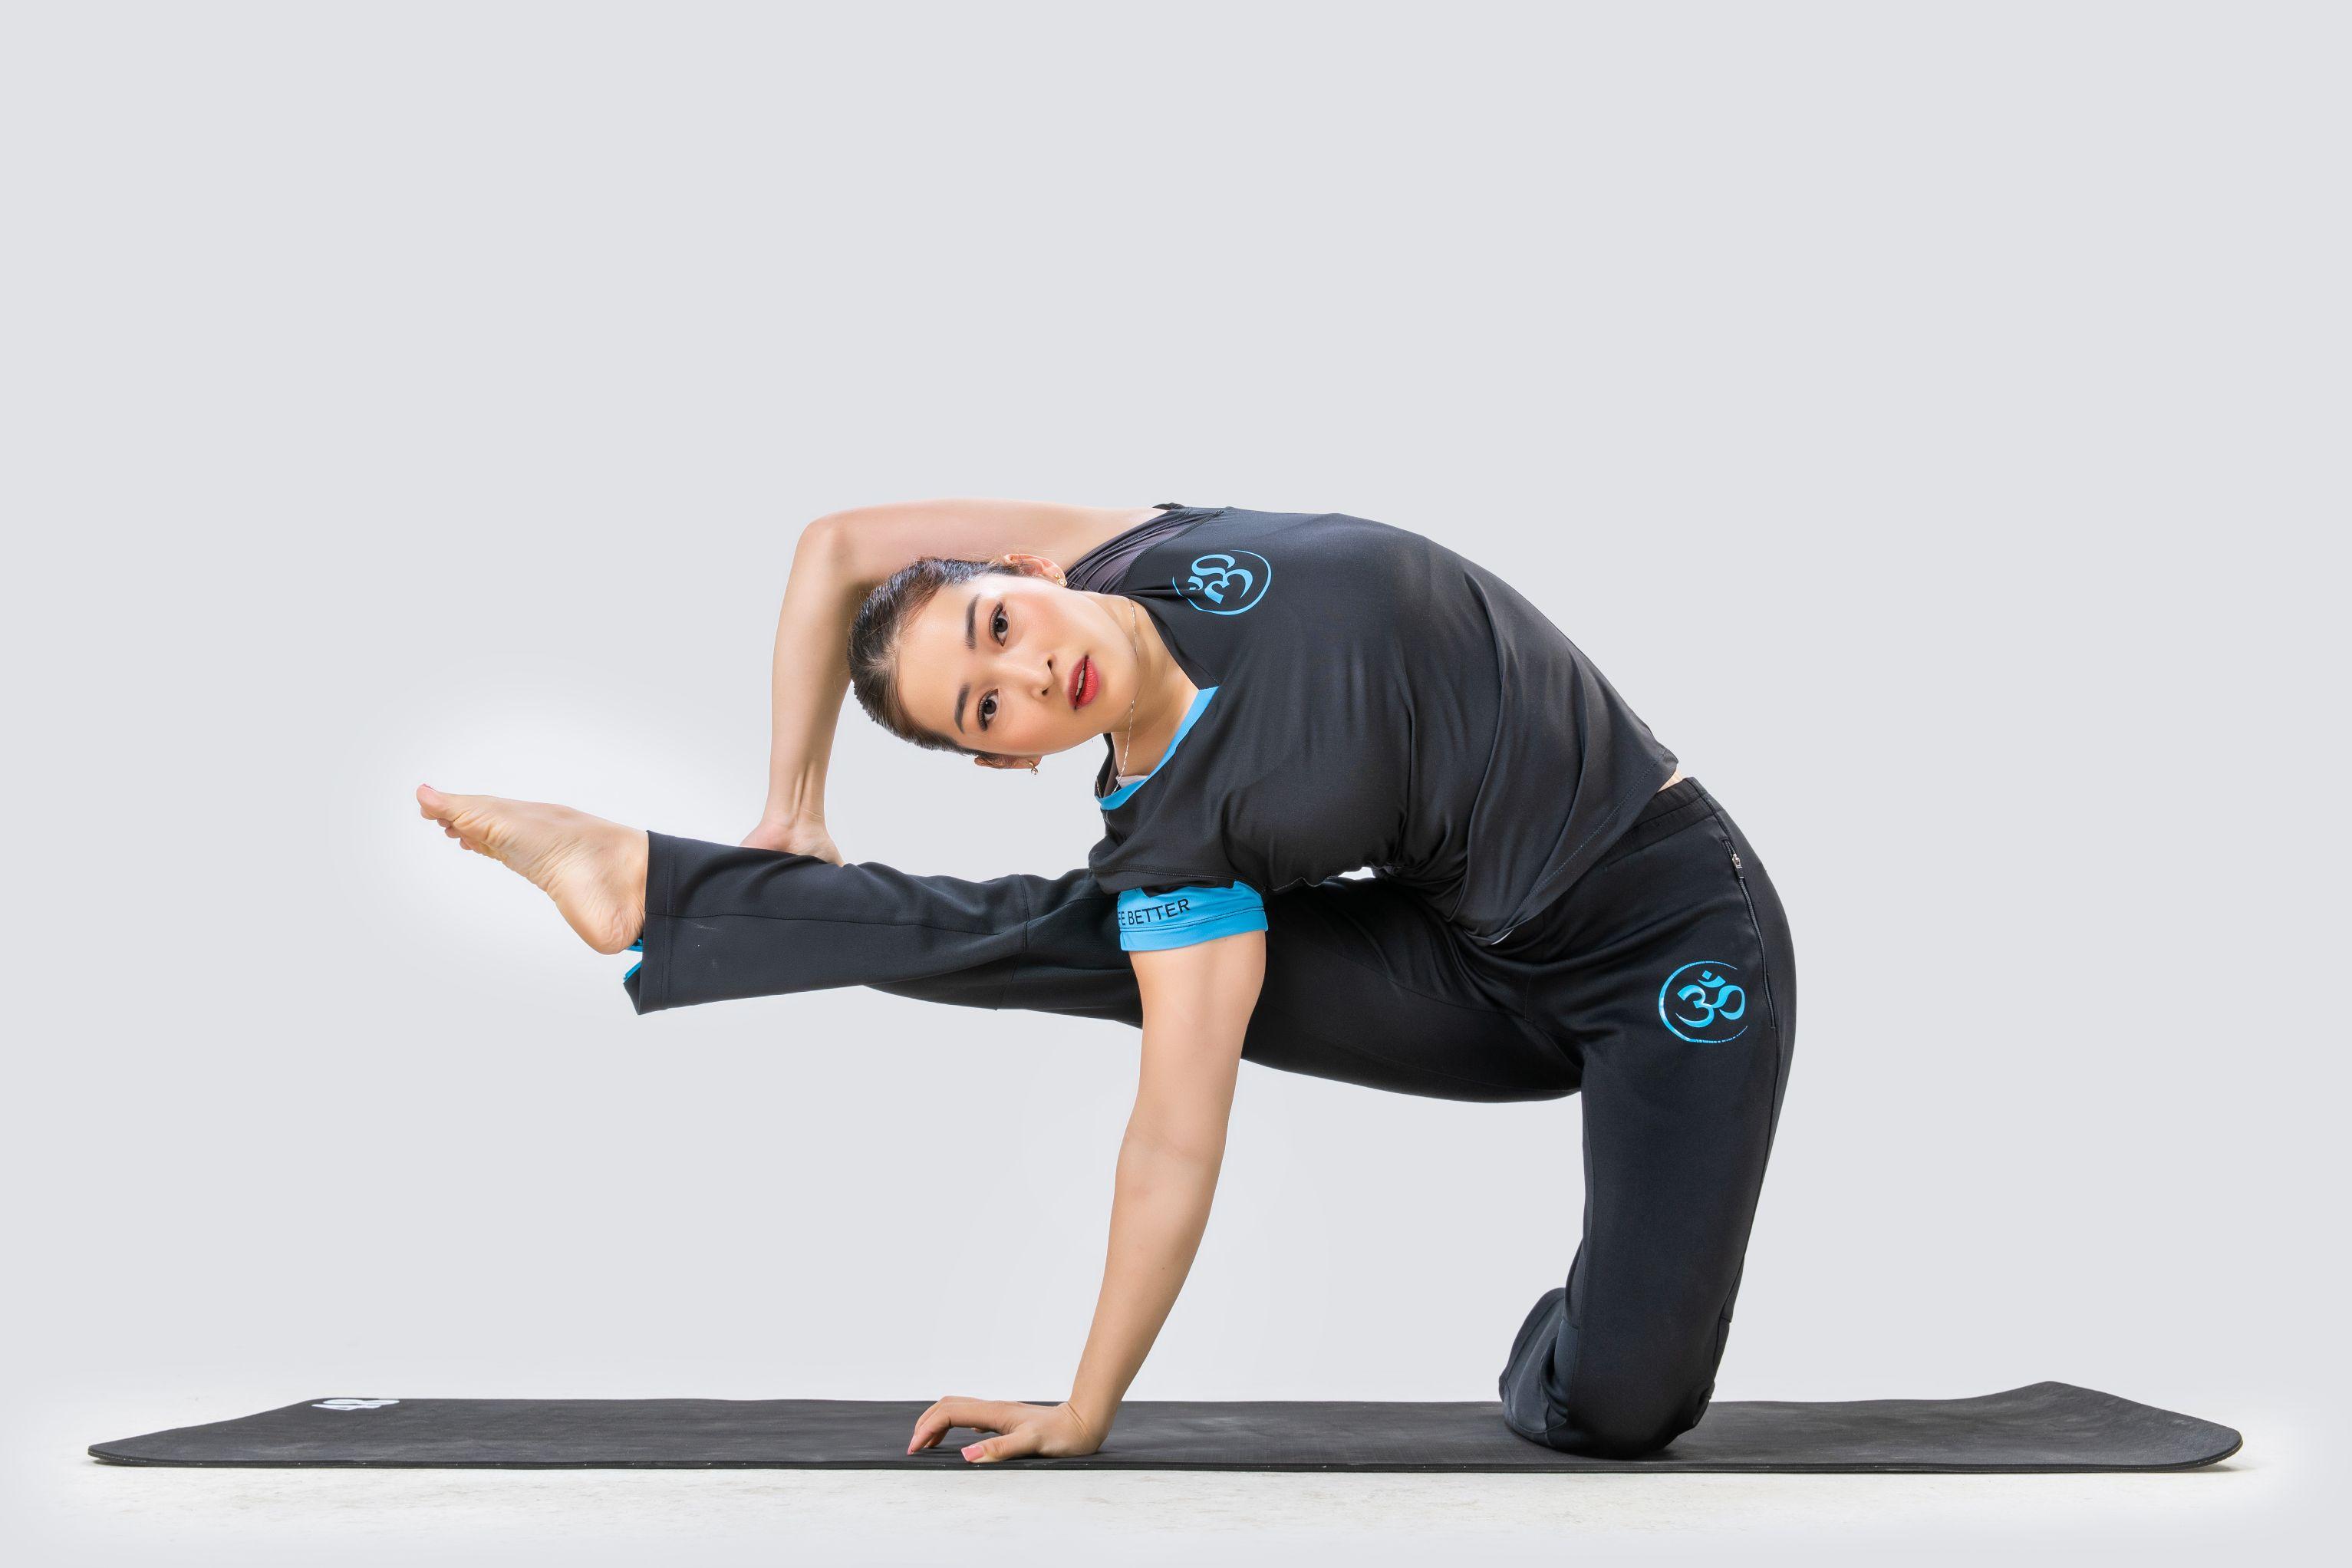 California Fitness Yoga 1 California Fitness & Yoga tổ chức chương trình cộng đồng Yoga & thiền giúp người Việt ngủ ngon hơn